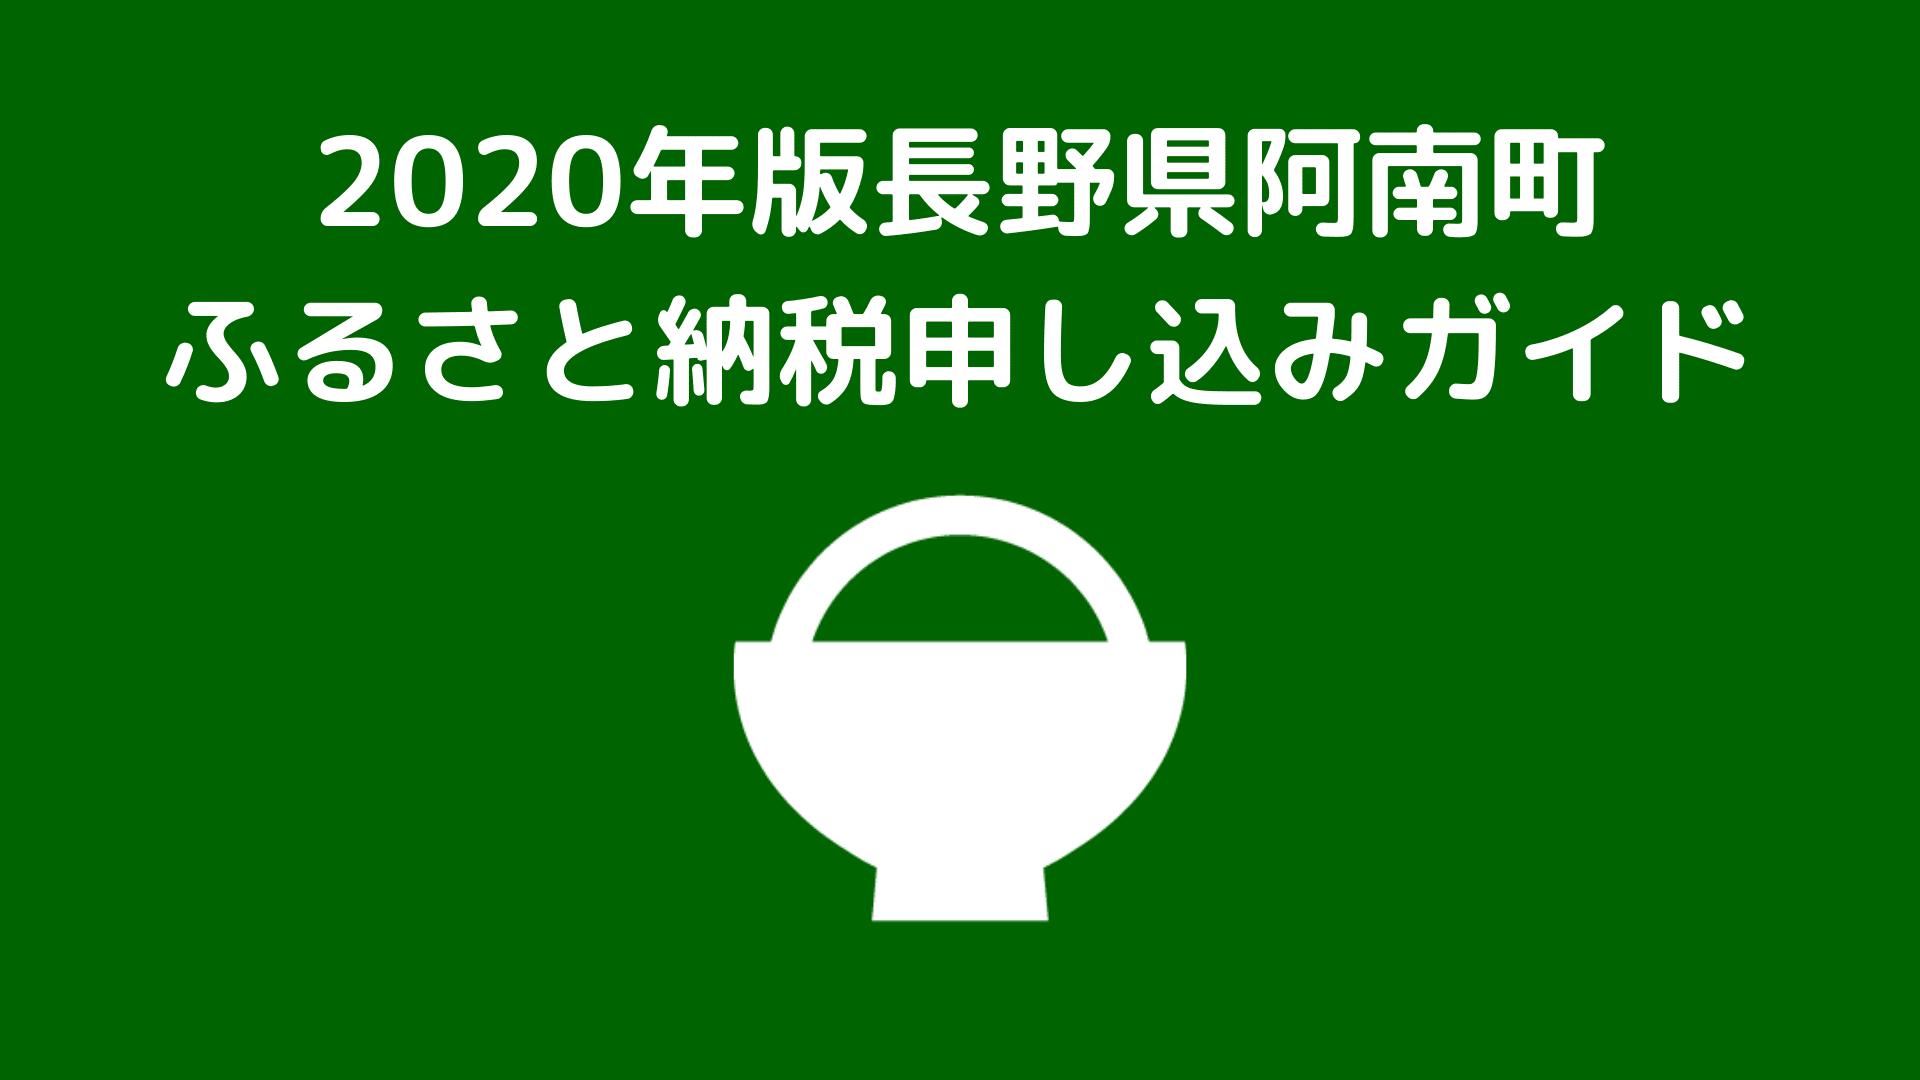 Anan 2020